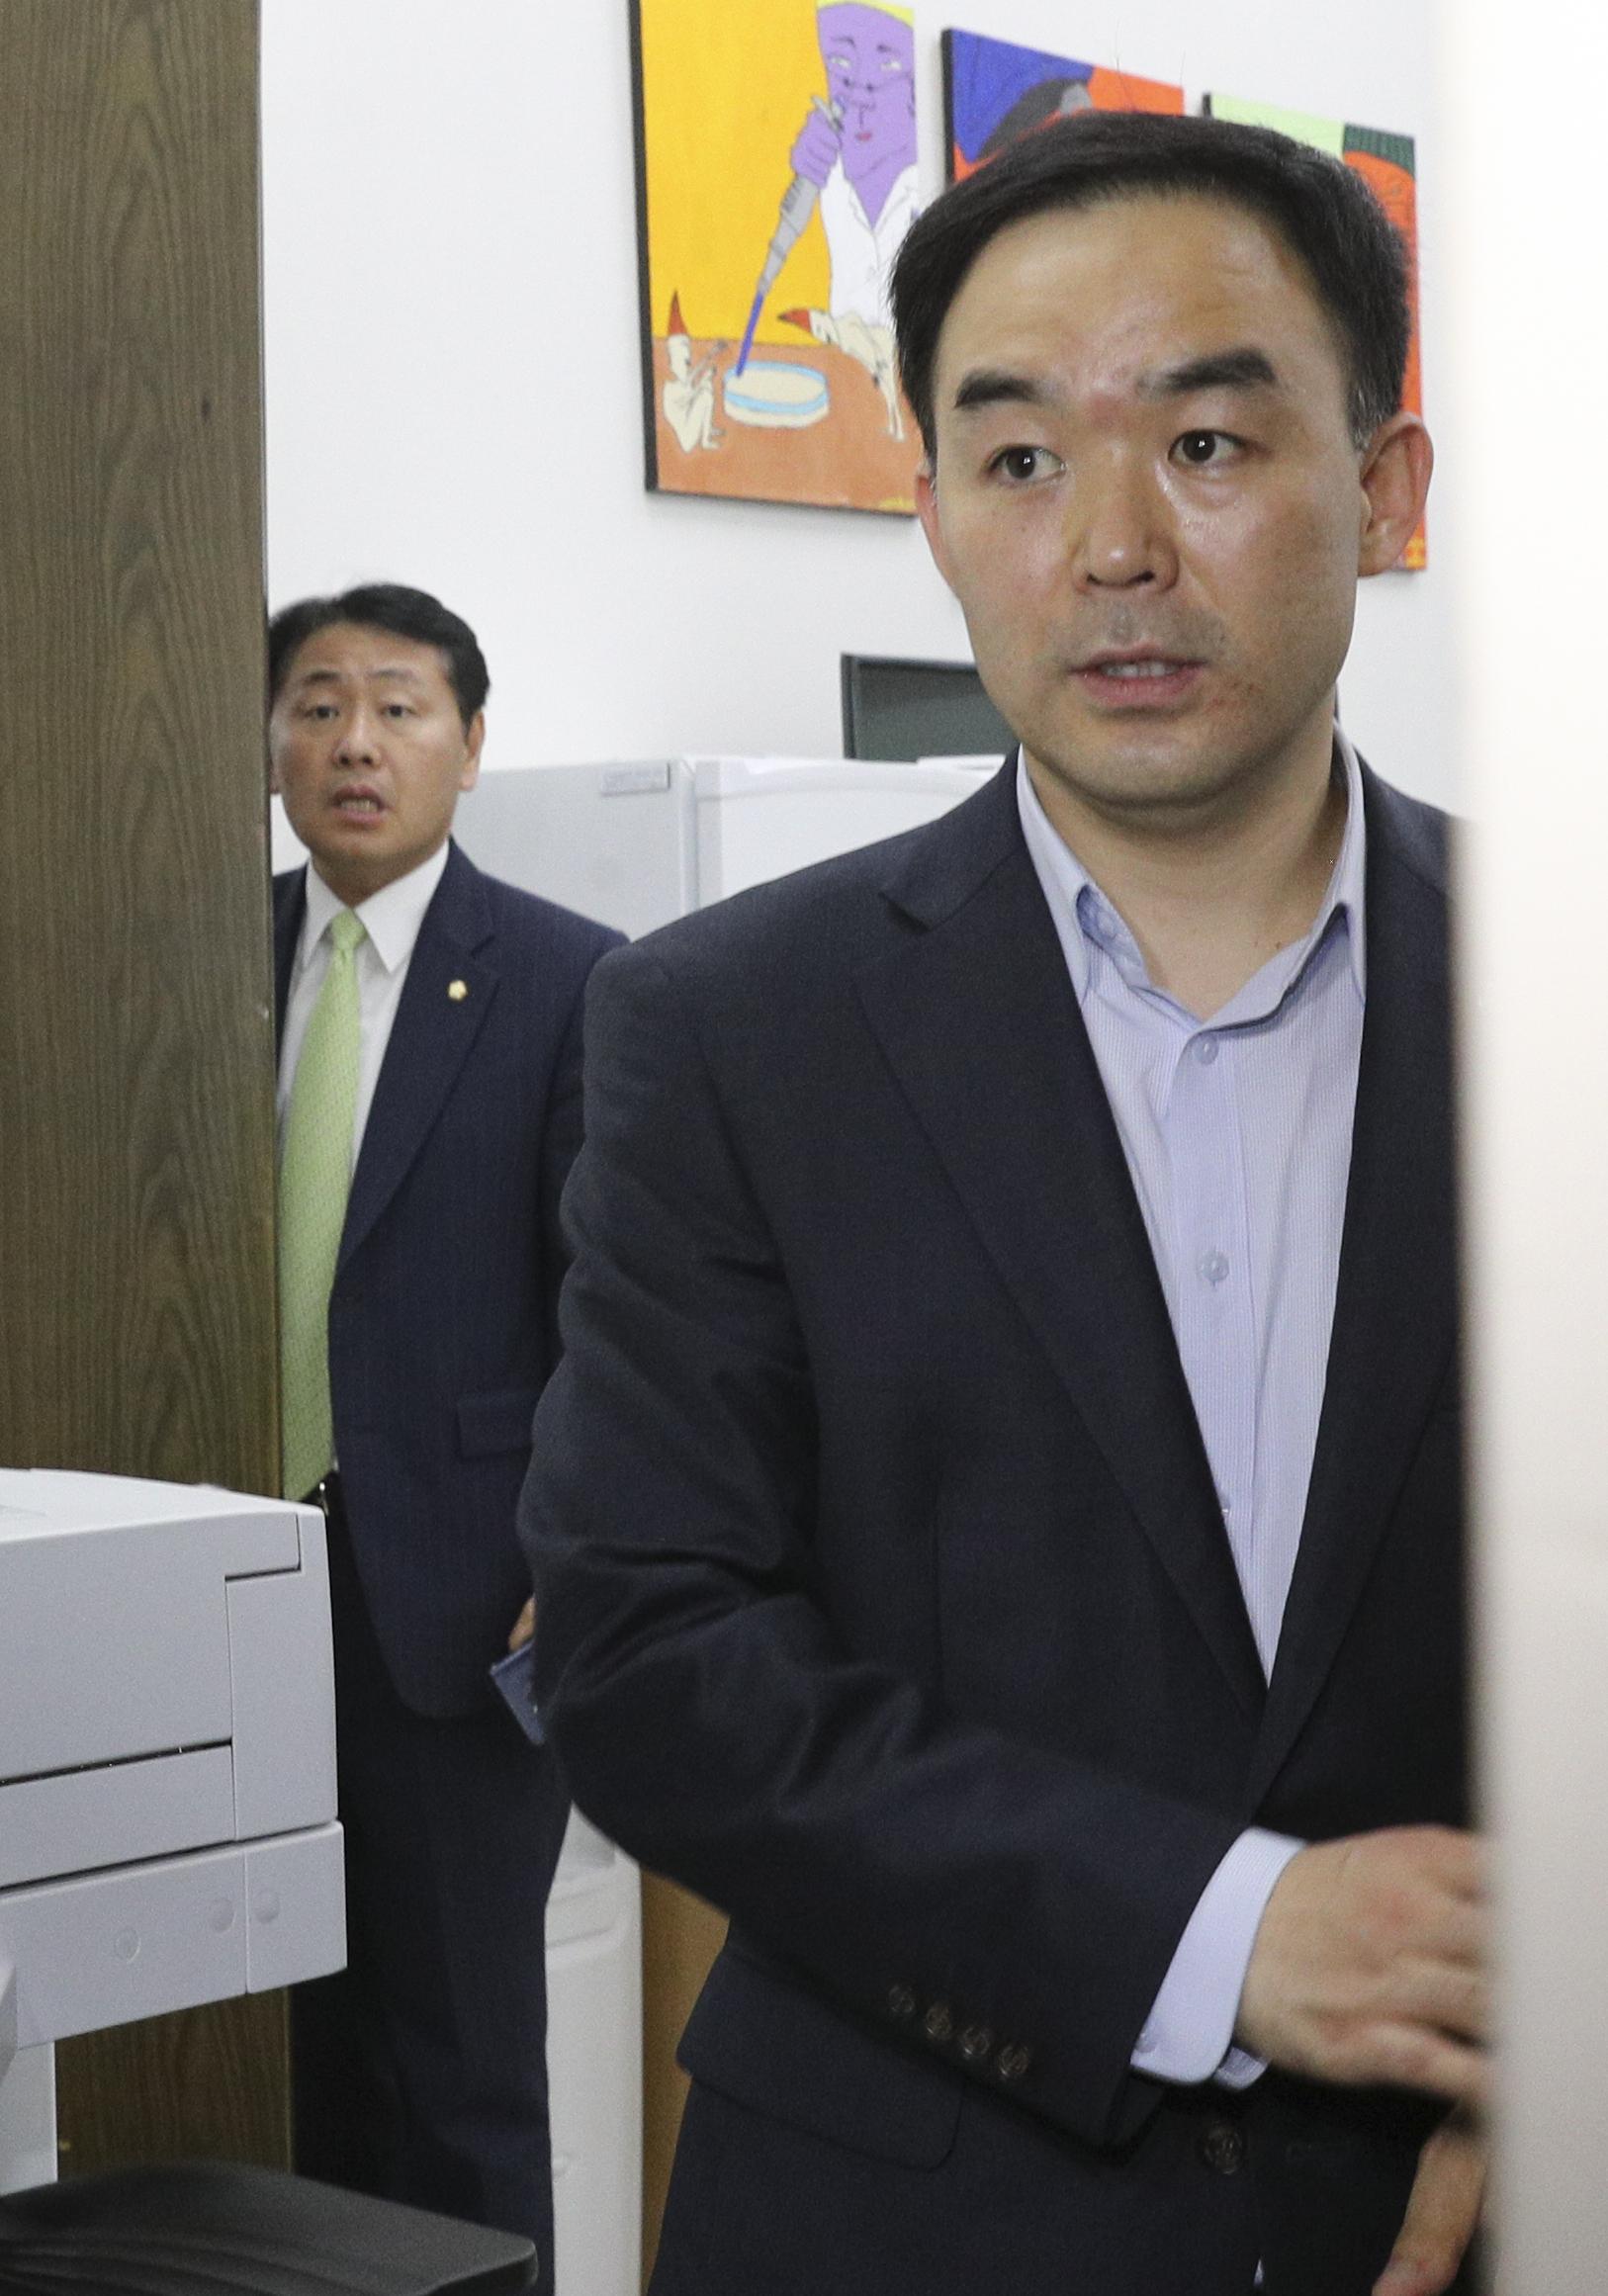 바른미래당 채이배 의원(오른쪽)이 25일 오후 국회 본청 운영위윈장실로 들어갔다 기자들에게 소감을 말하기 위해 다시 나오고 있다. 왼쪽은 김관영 원내대표. 임현동 기자